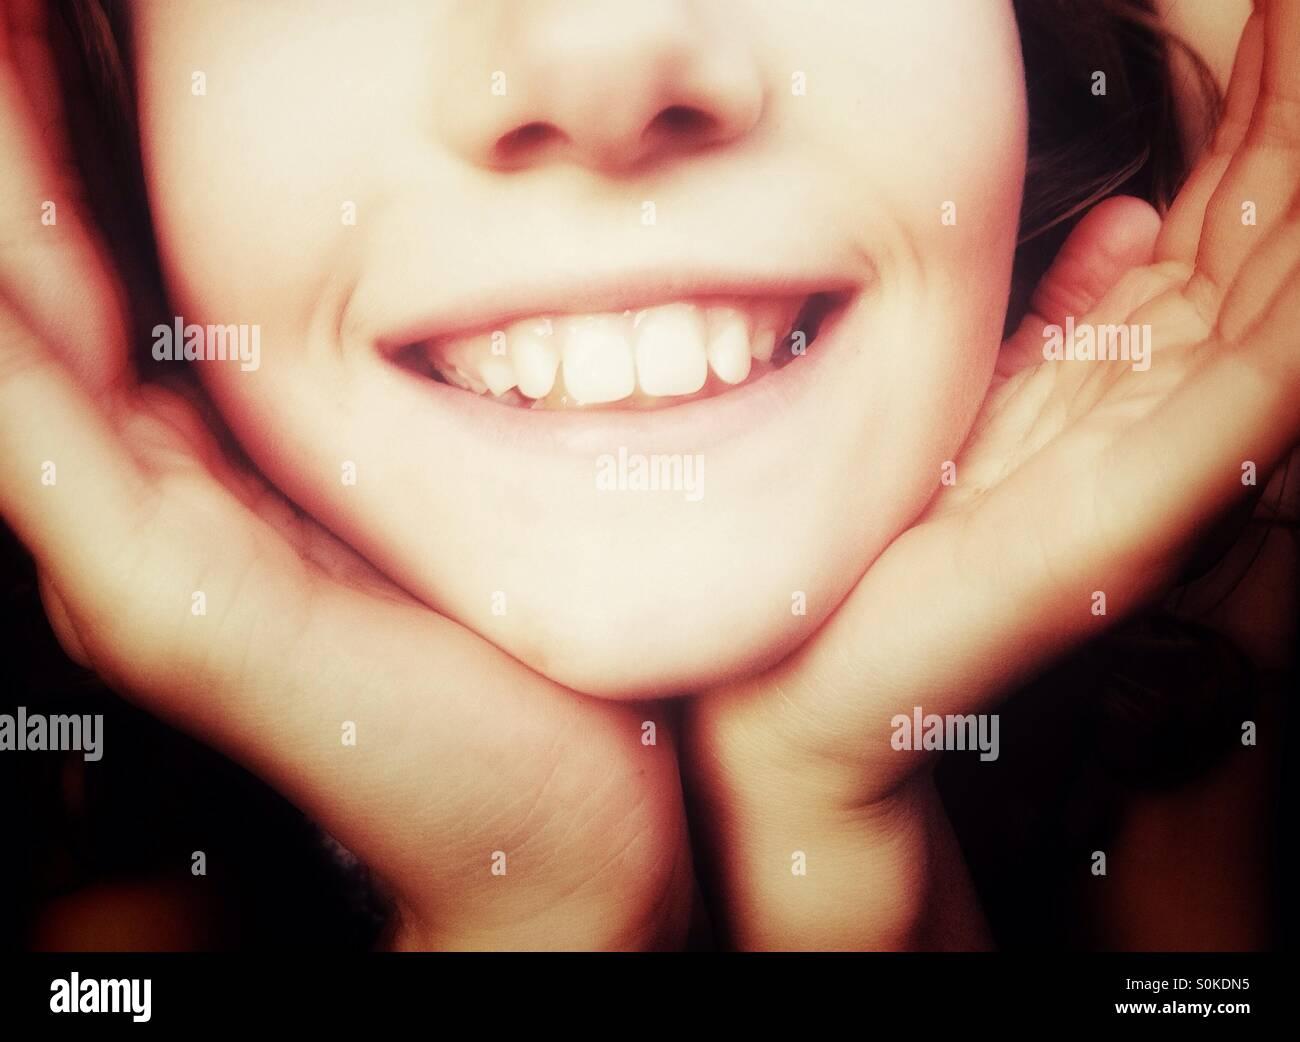 Nahaufnahme eines lächelnden Mädchens mit Gesicht in ihre Hände schalenförmig Stockbild